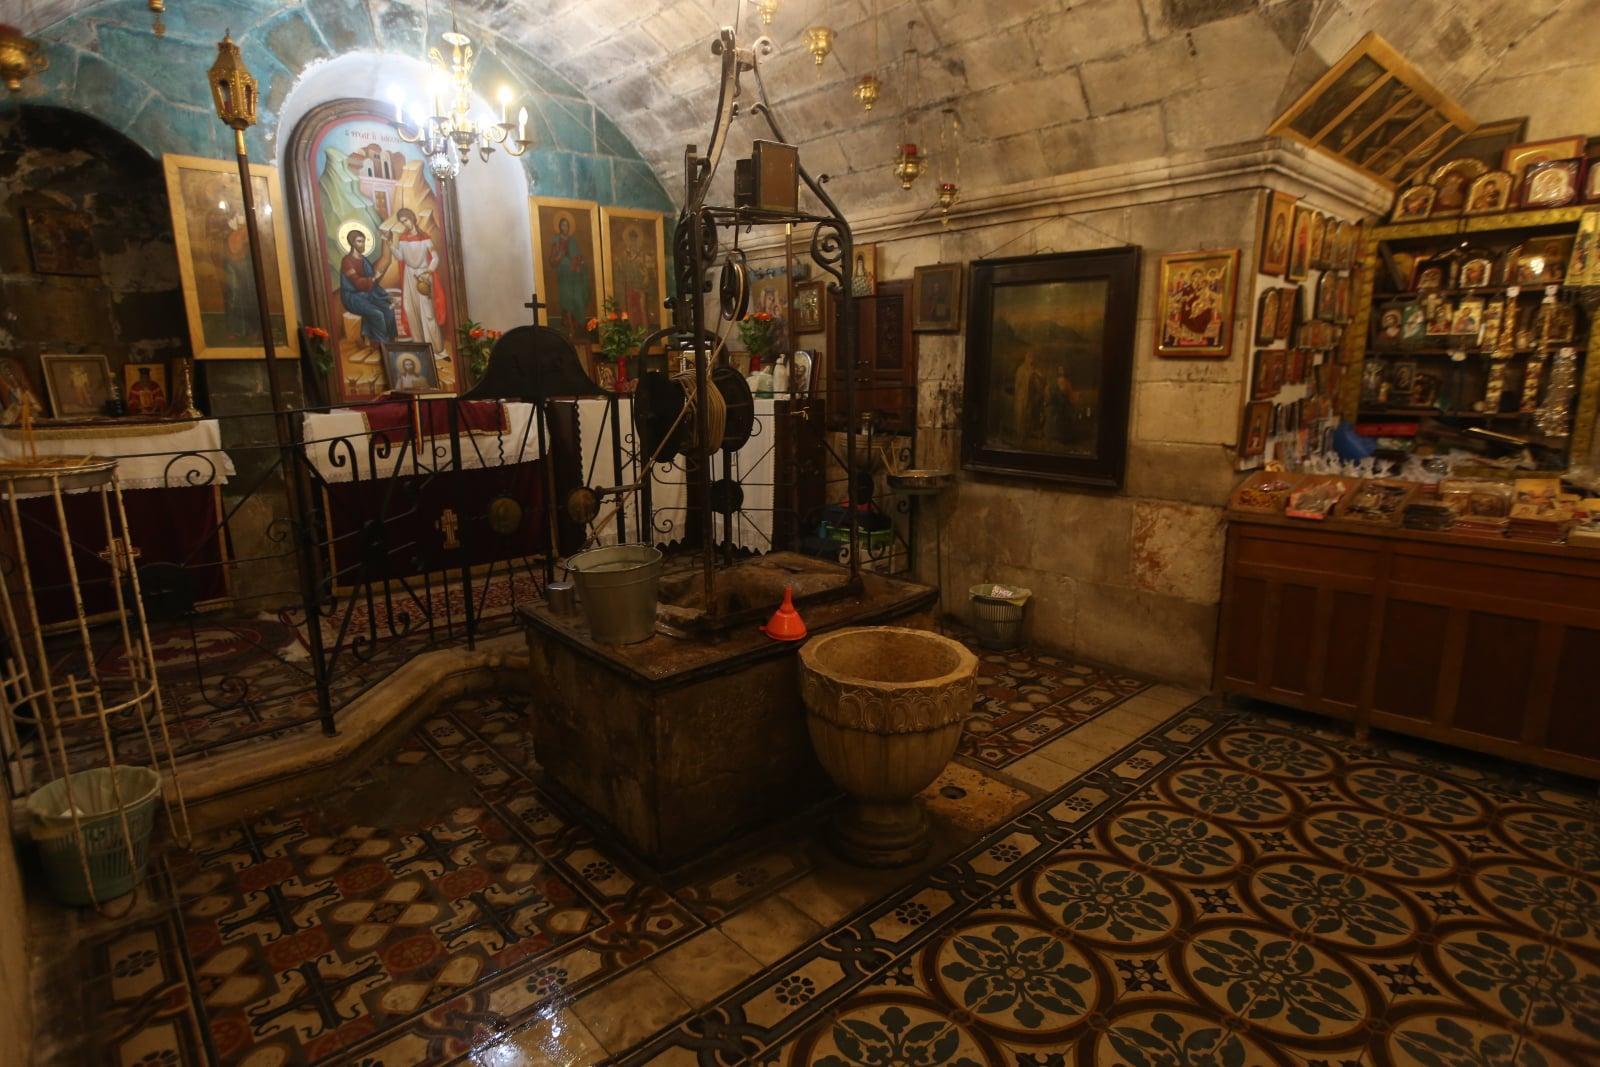 Kościół św. Jakuba w Tell Balata fot. EPA/ALAA BADARNEH Dostawca: PAP/EPA.